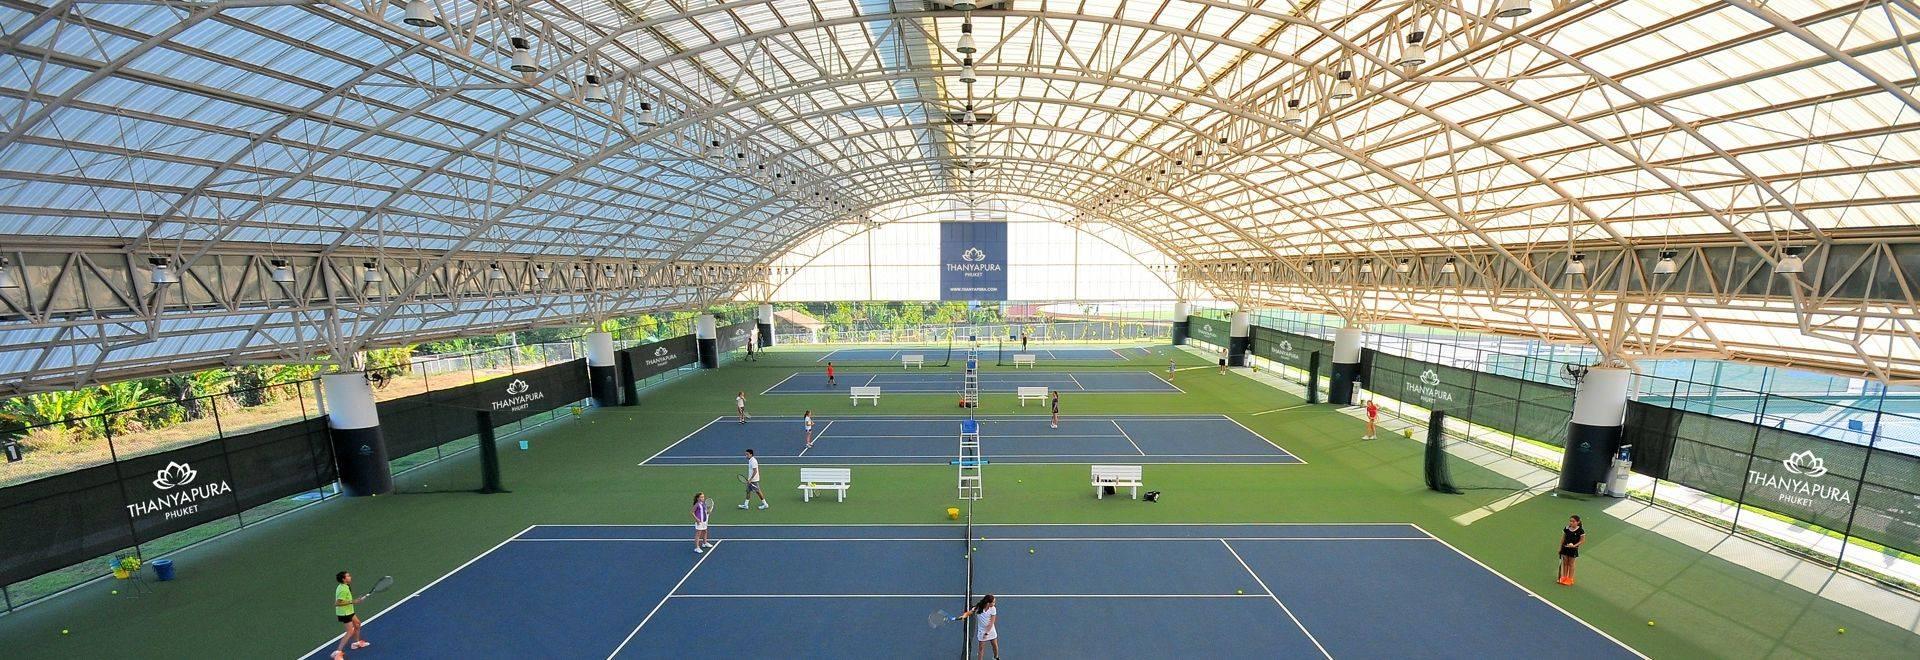 Thanyapura-tennis.jpg